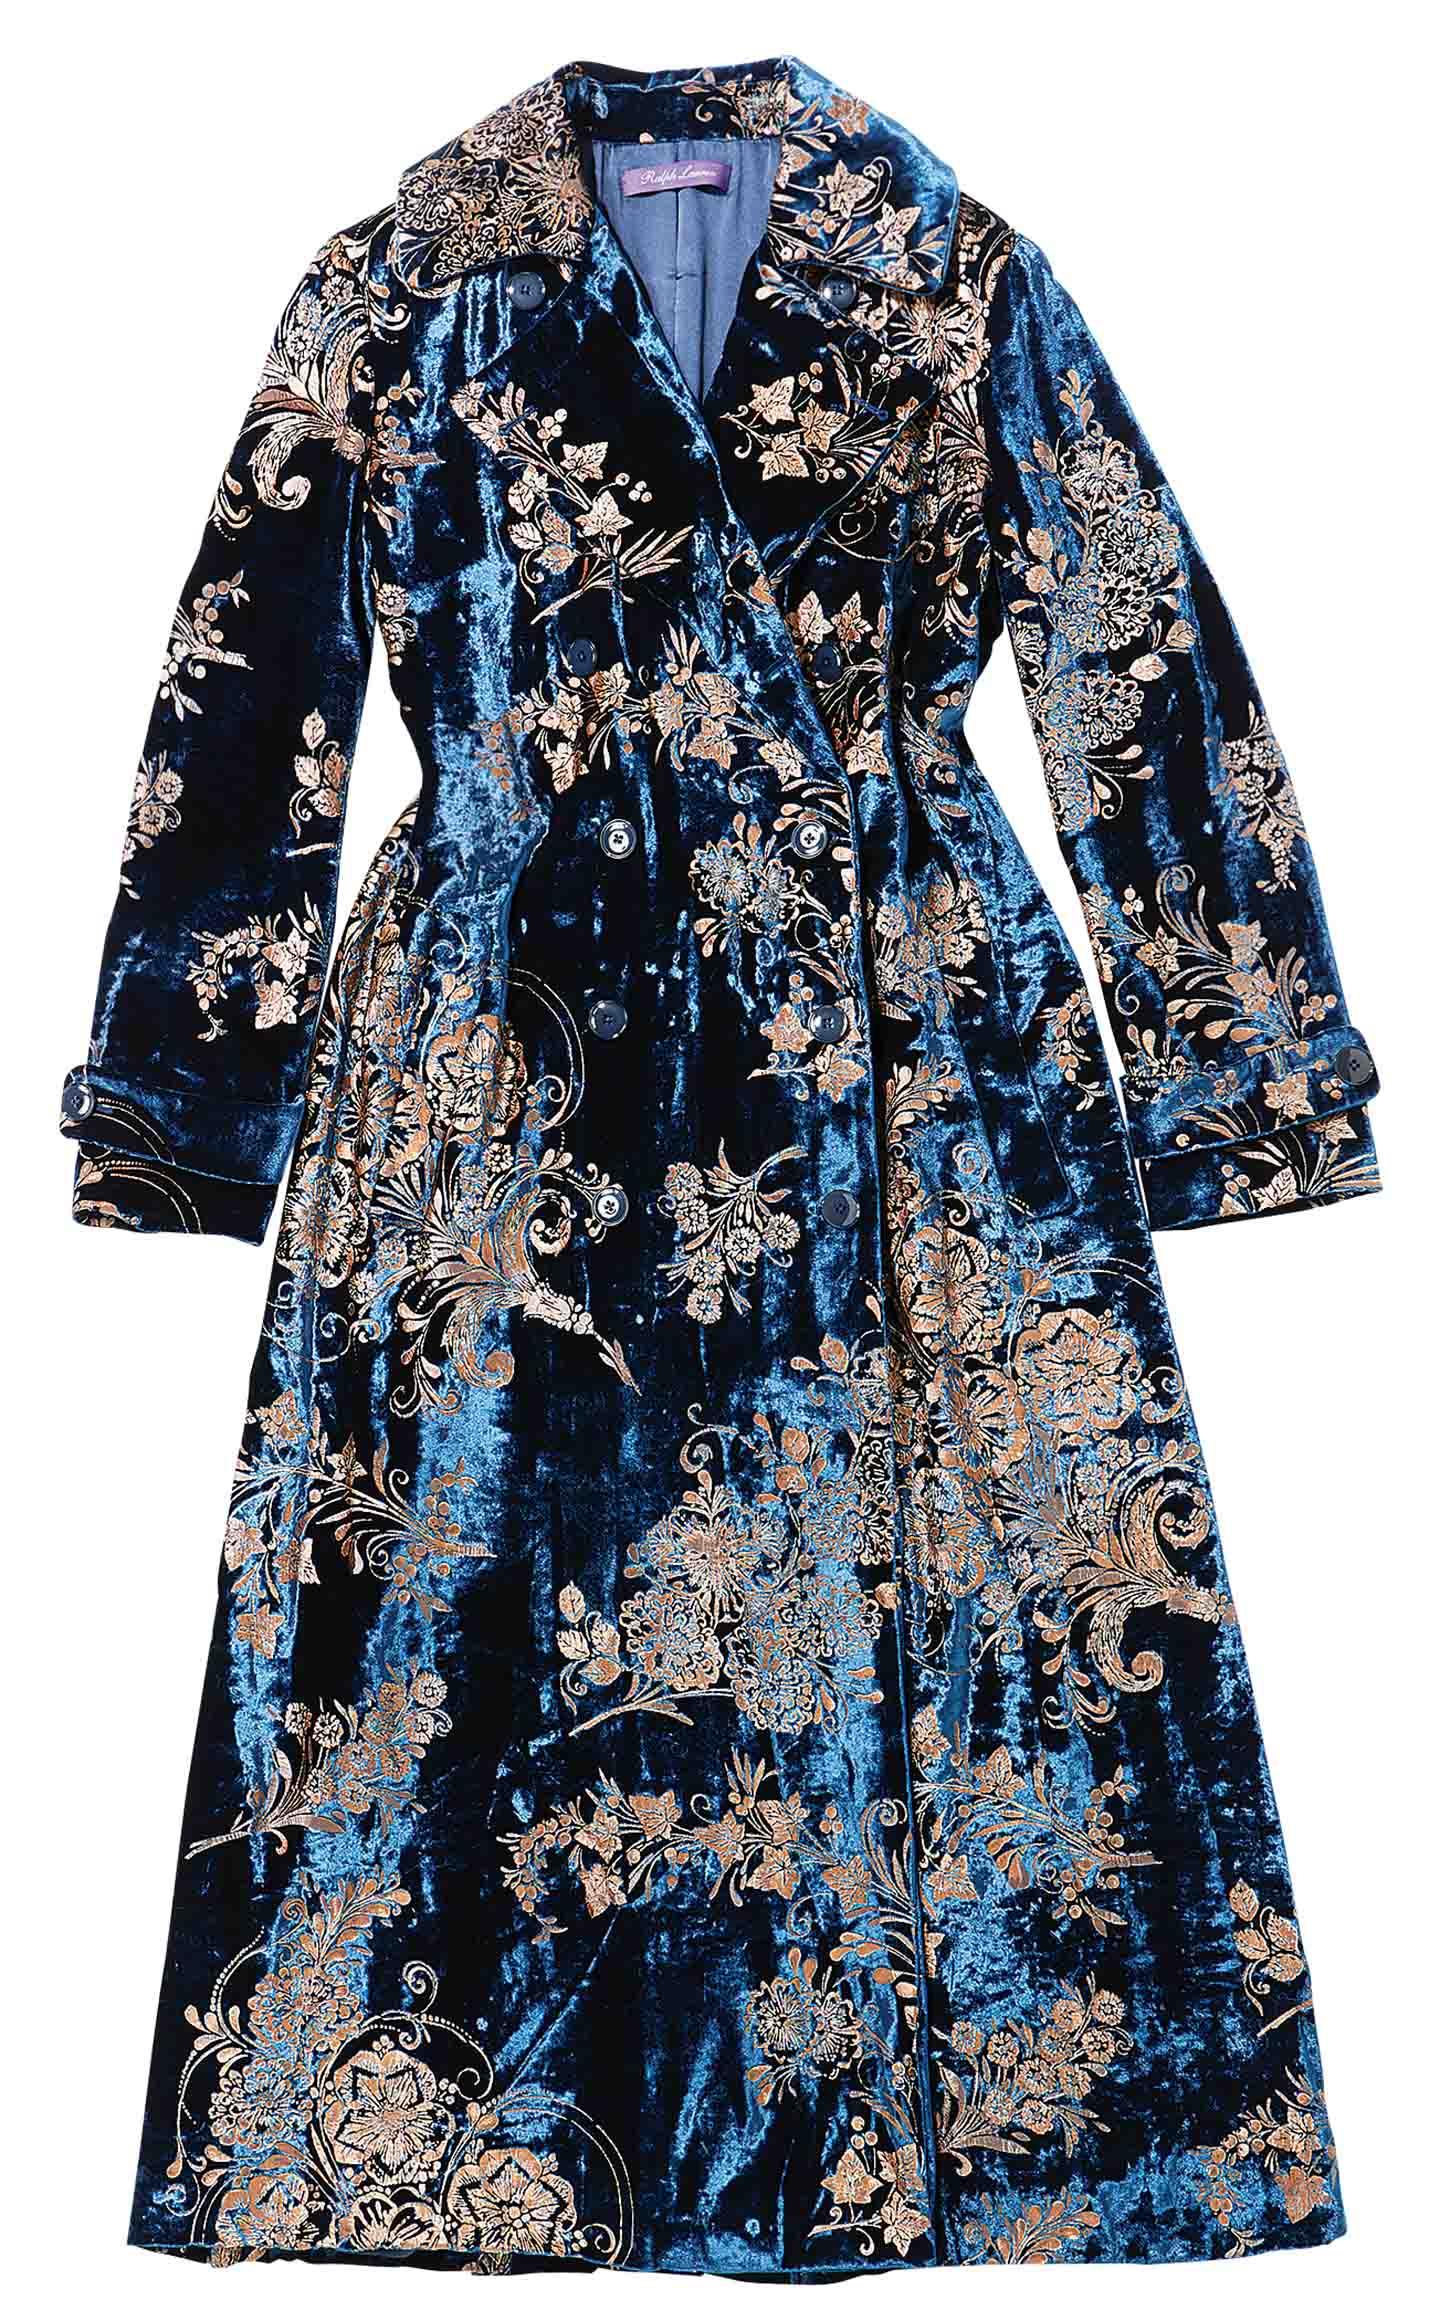 고전적인 패턴의 벨벳 코트는 가격 미정으로 <strong>Ralph Lauren Collection</strong>